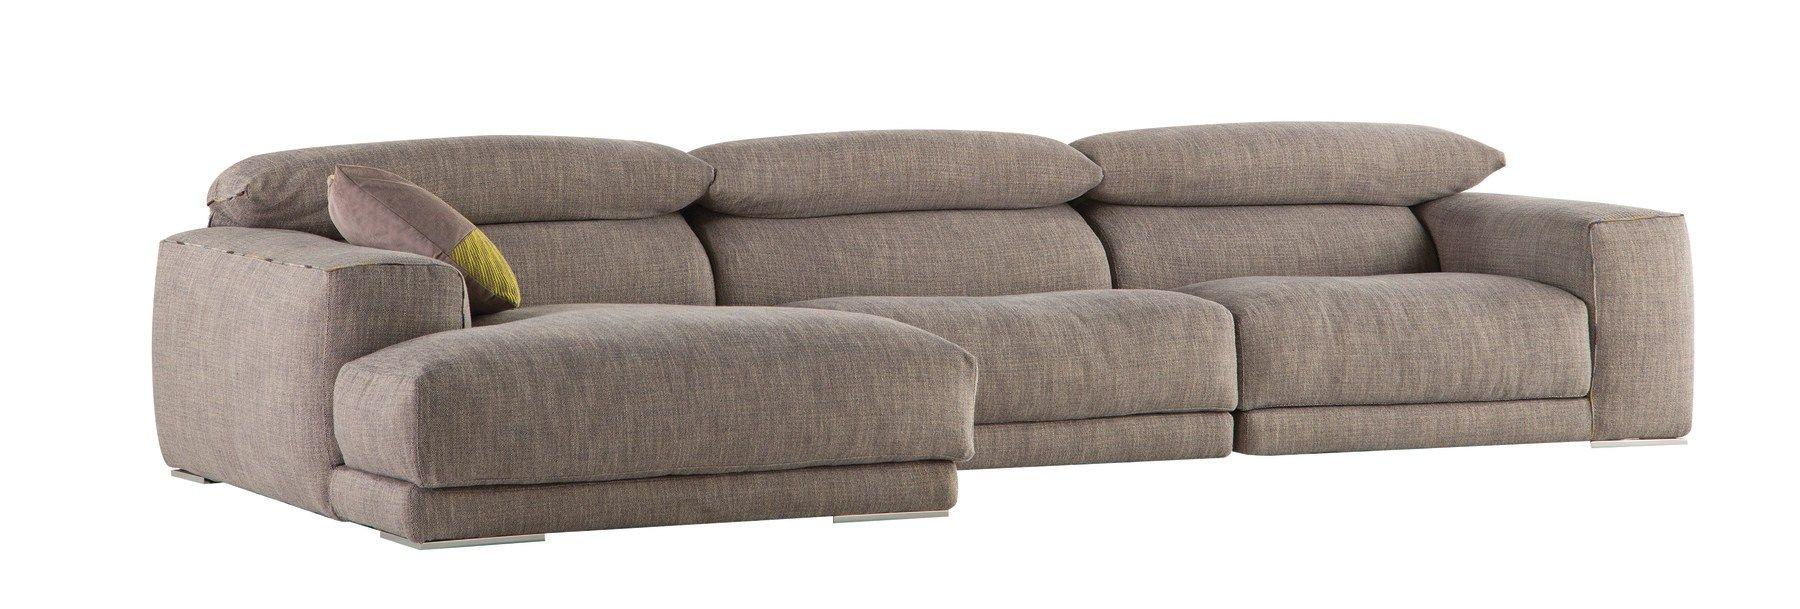 canap en tissu avec rev tement amovible avec m ridienne. Black Bedroom Furniture Sets. Home Design Ideas